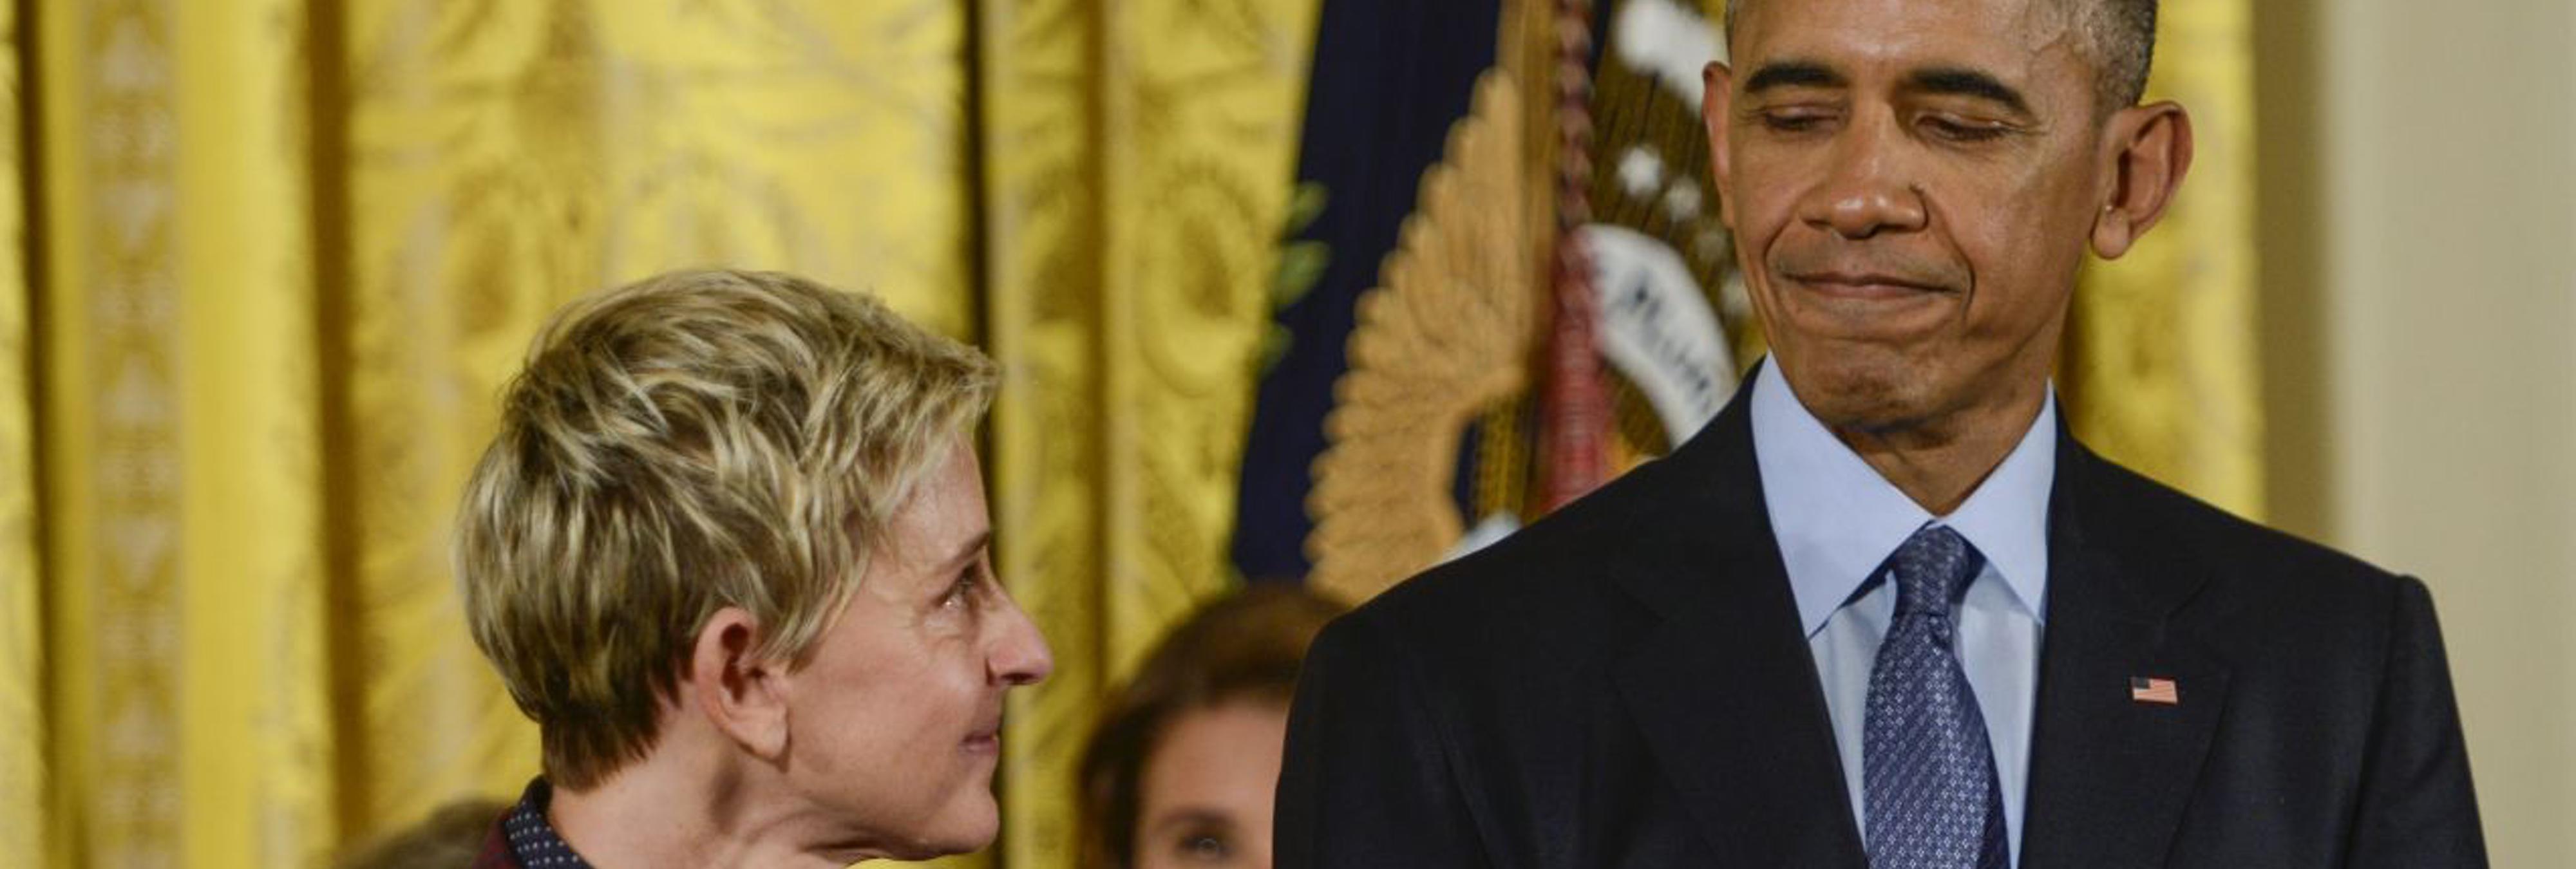 Obama se emociona al dar la Medalla de la Libertad a Ellen DeGeneres